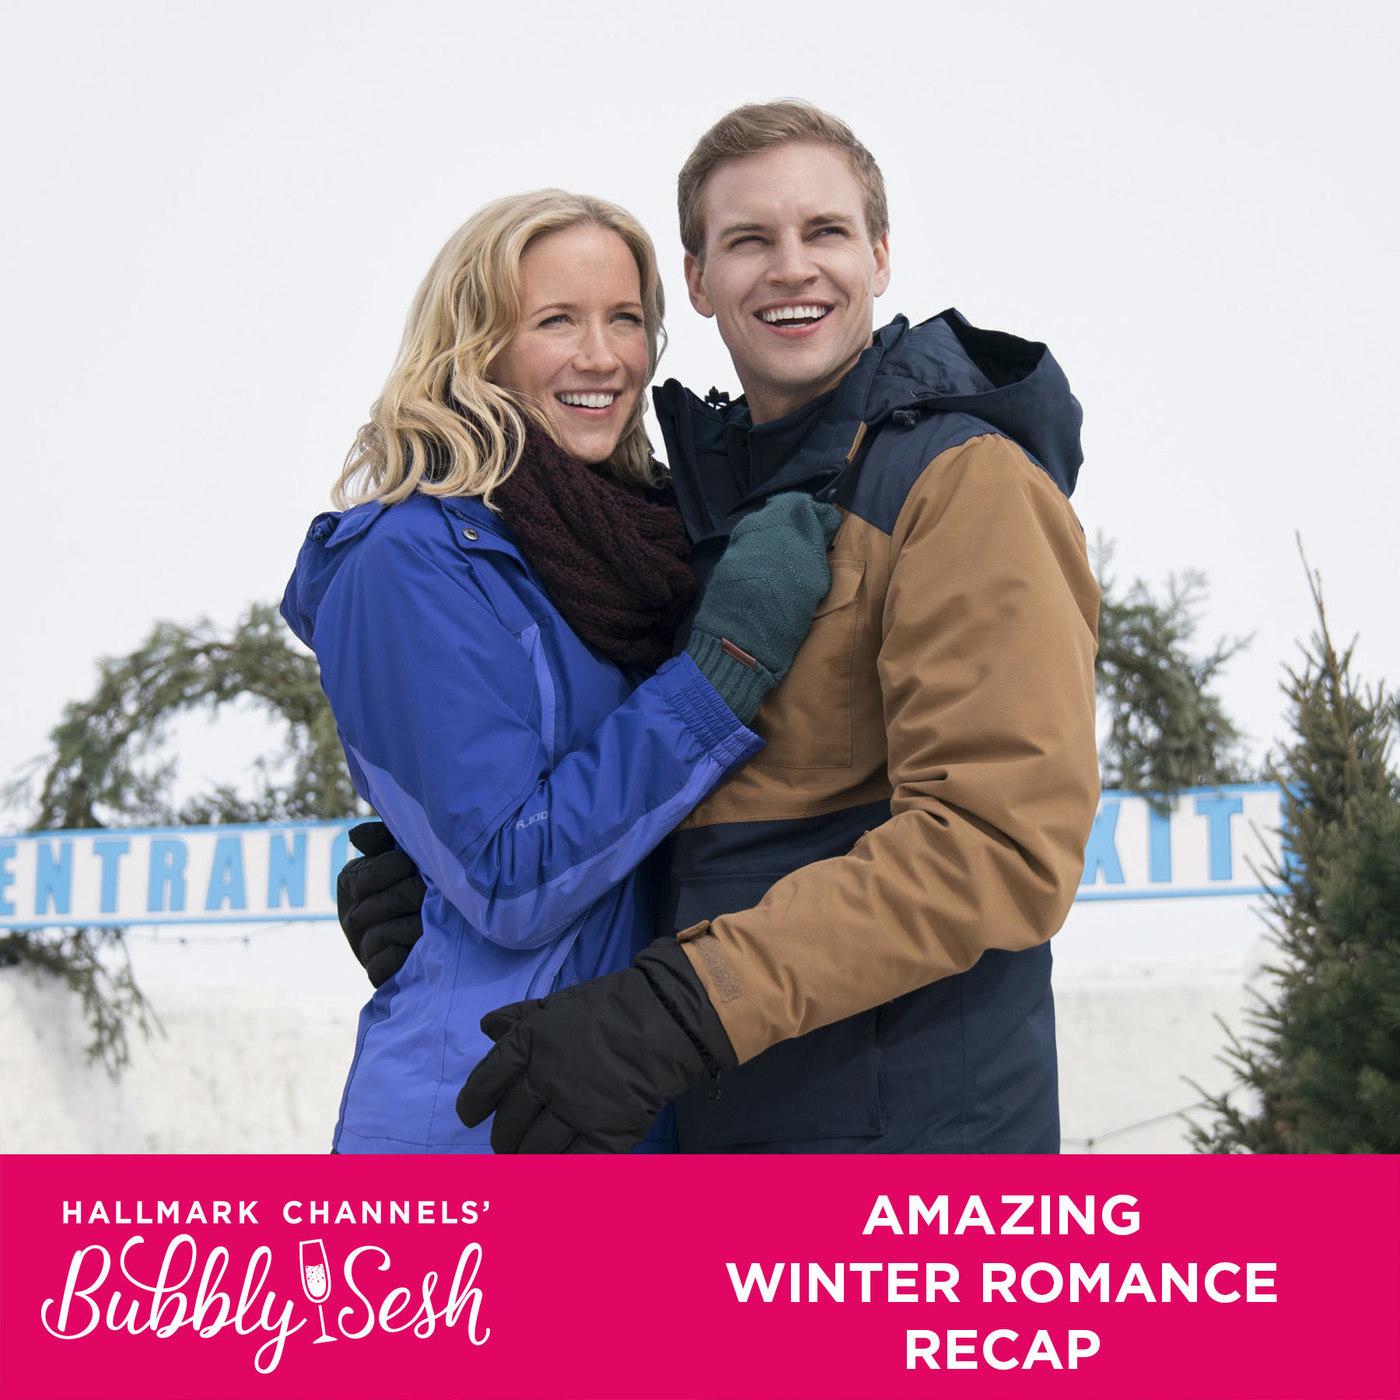 Amazing Winter Romance Recap